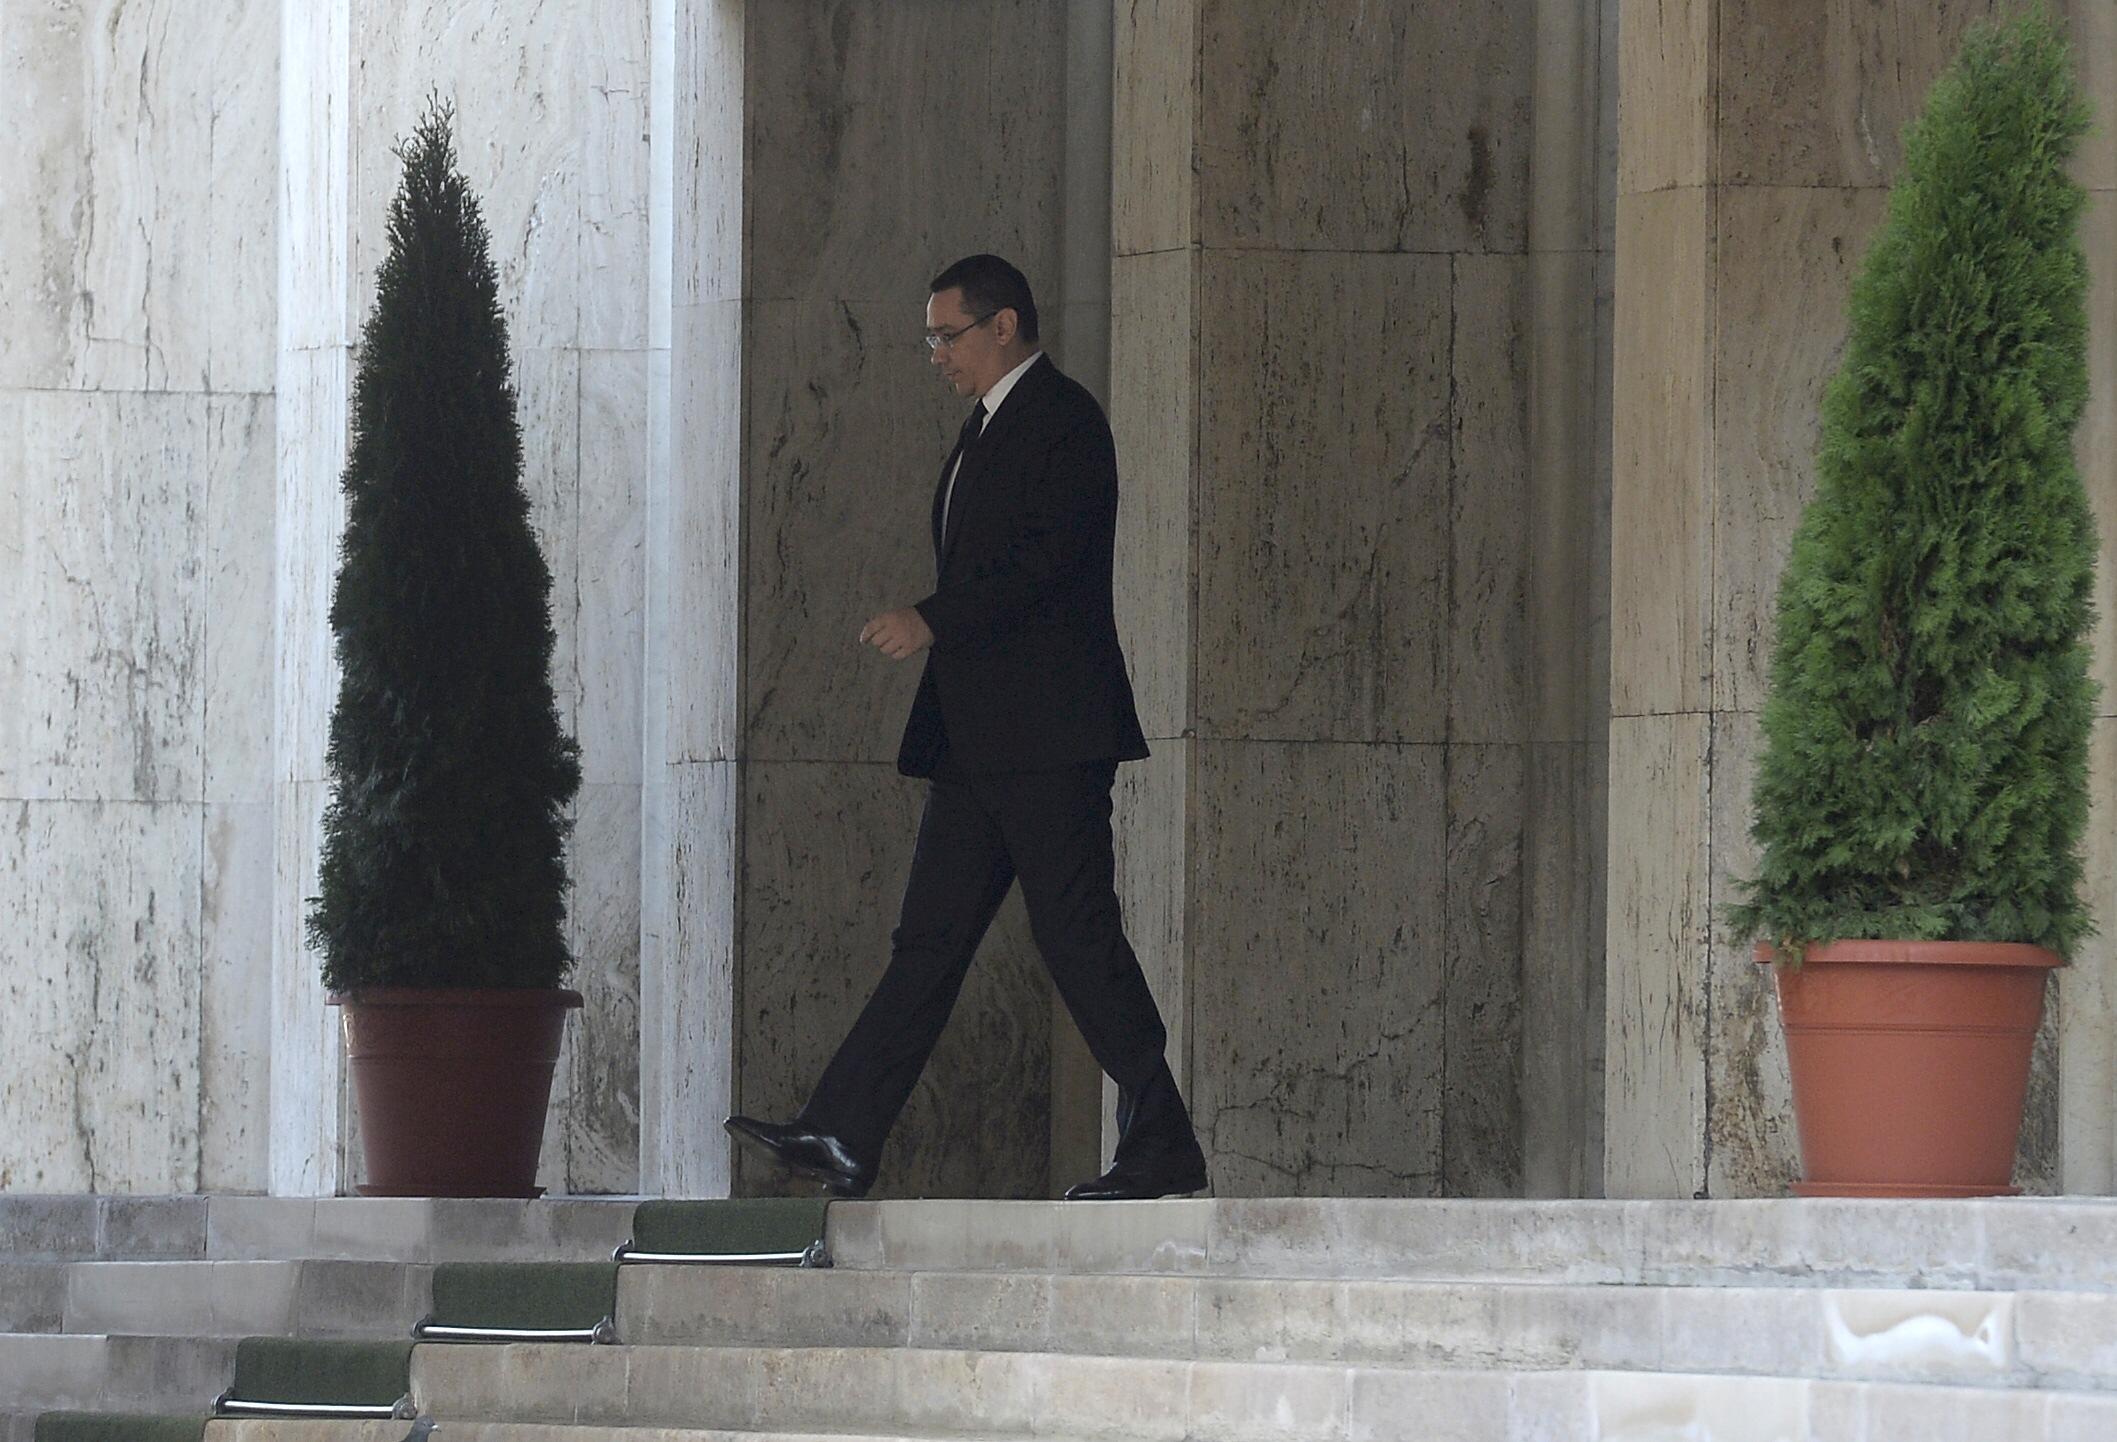 Perdana Menteri Rumania Victor Ponta meninggalkan kantor pemerintah setelah mengumumkan pengunduran dirinya di Bucharest, Rumania, Rabu (4/11). Ponta mengundurkan diri hari Rabu, dengan sangat mengejutkan setelah beberapa jam protes dari masyarakat menuntut pengunduran diri kabinet saat korban tewas kebakaran klub di Bucharest mencapai 32 orang, menurut partai berkuasa sayap kirinya. REUTERS/Inquam Photos/Octav Ganea.